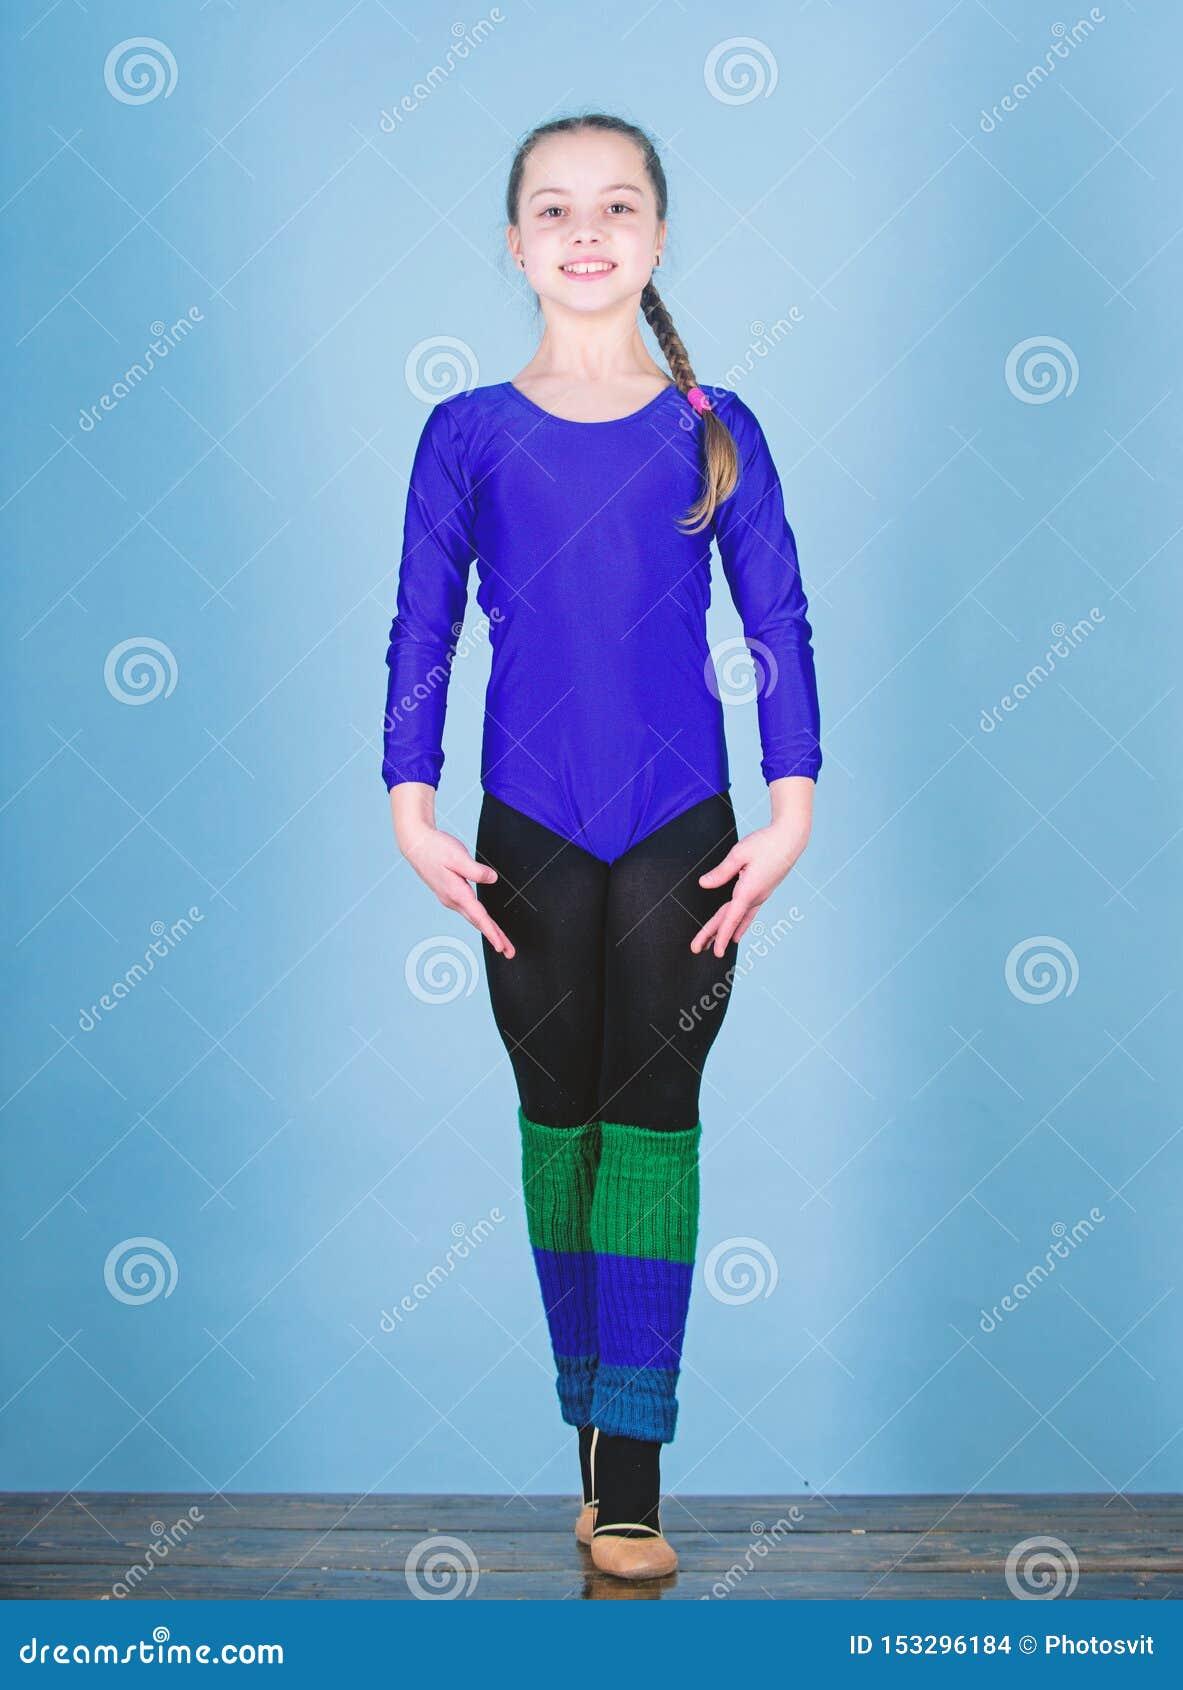 Esporte e sa?de Ilustra??o do bailado dancer gymnastics Desportista feliz da crian?a Dieta da aptid?o Energia Exerc?cio do gym da